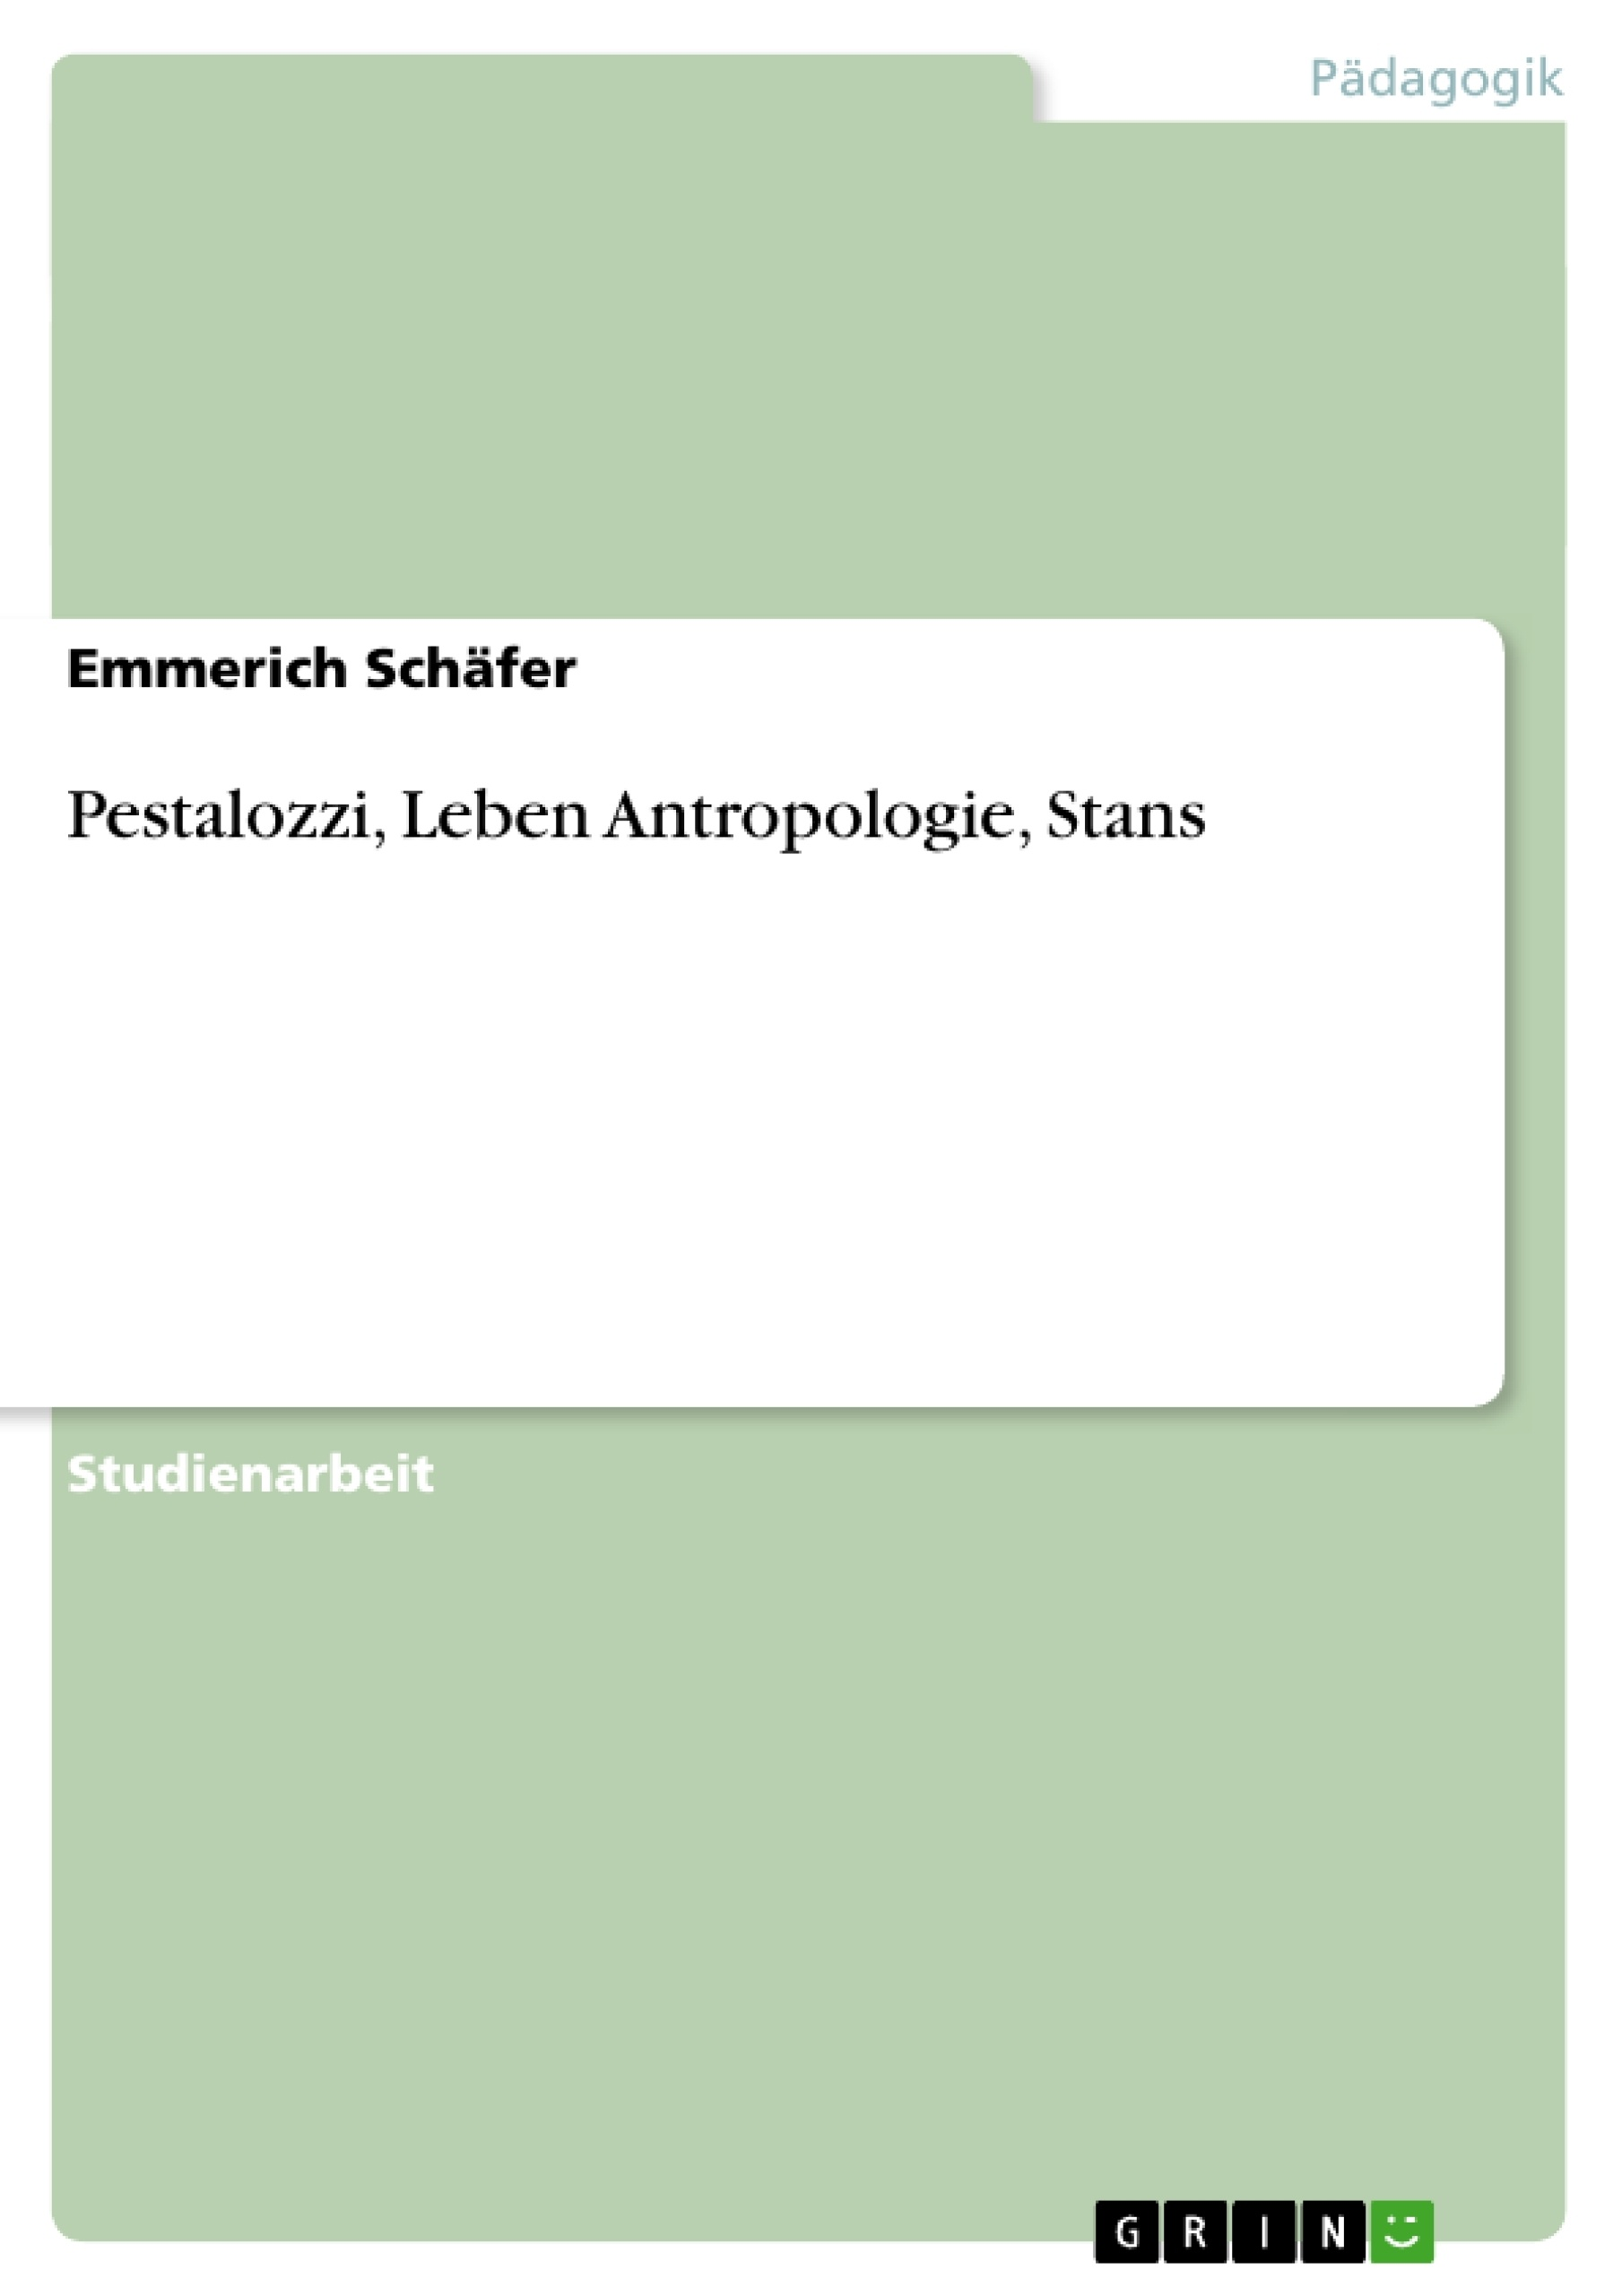 Pestalozzi, Leben Antropologie, Stans | Masterarbeit, Hausarbeit ...